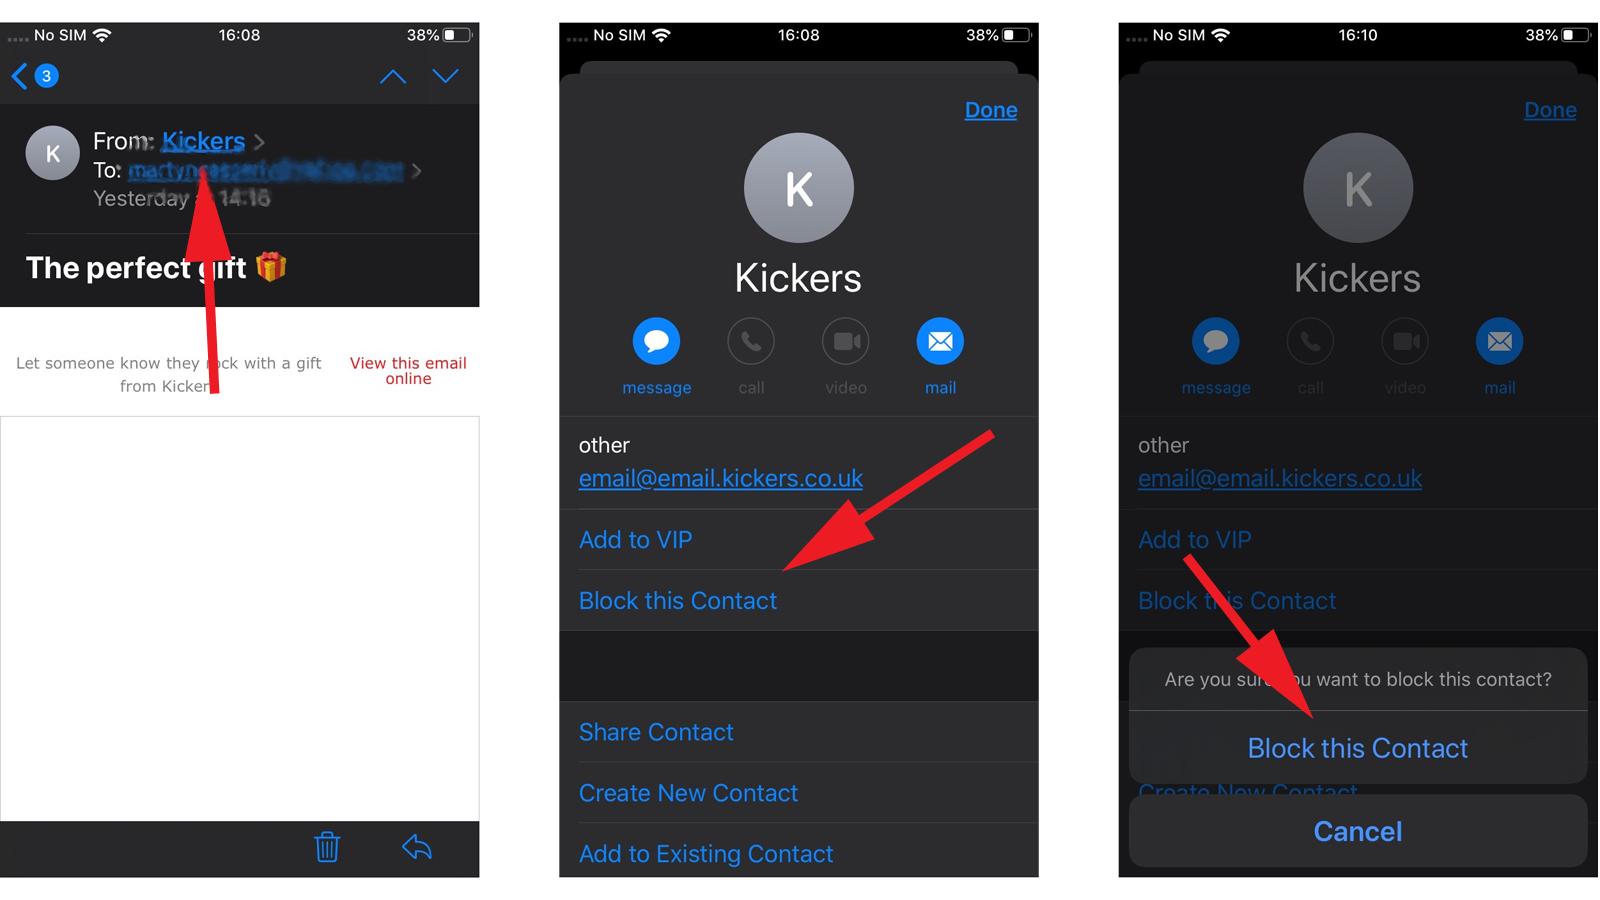 Cómo darse de baja del correo basura en iOS 13: bloquear este contacto